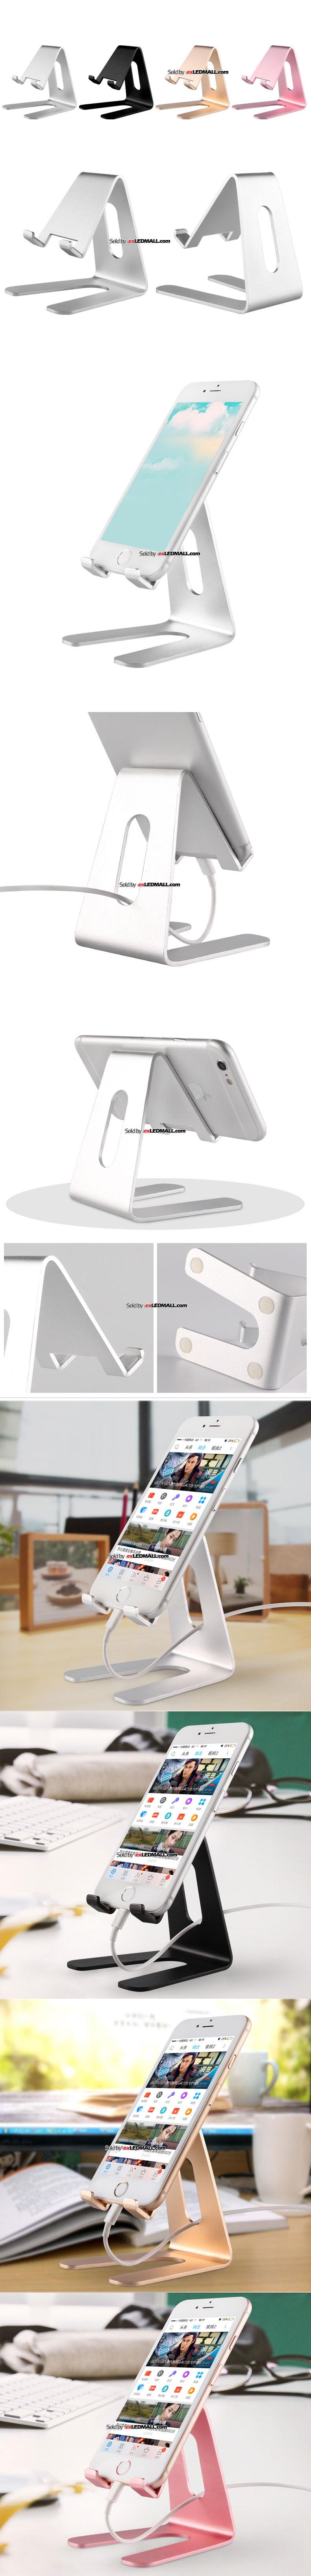 알루미늄 스마트폰/테블릿 PC 거치대 (아이맥 스타일)